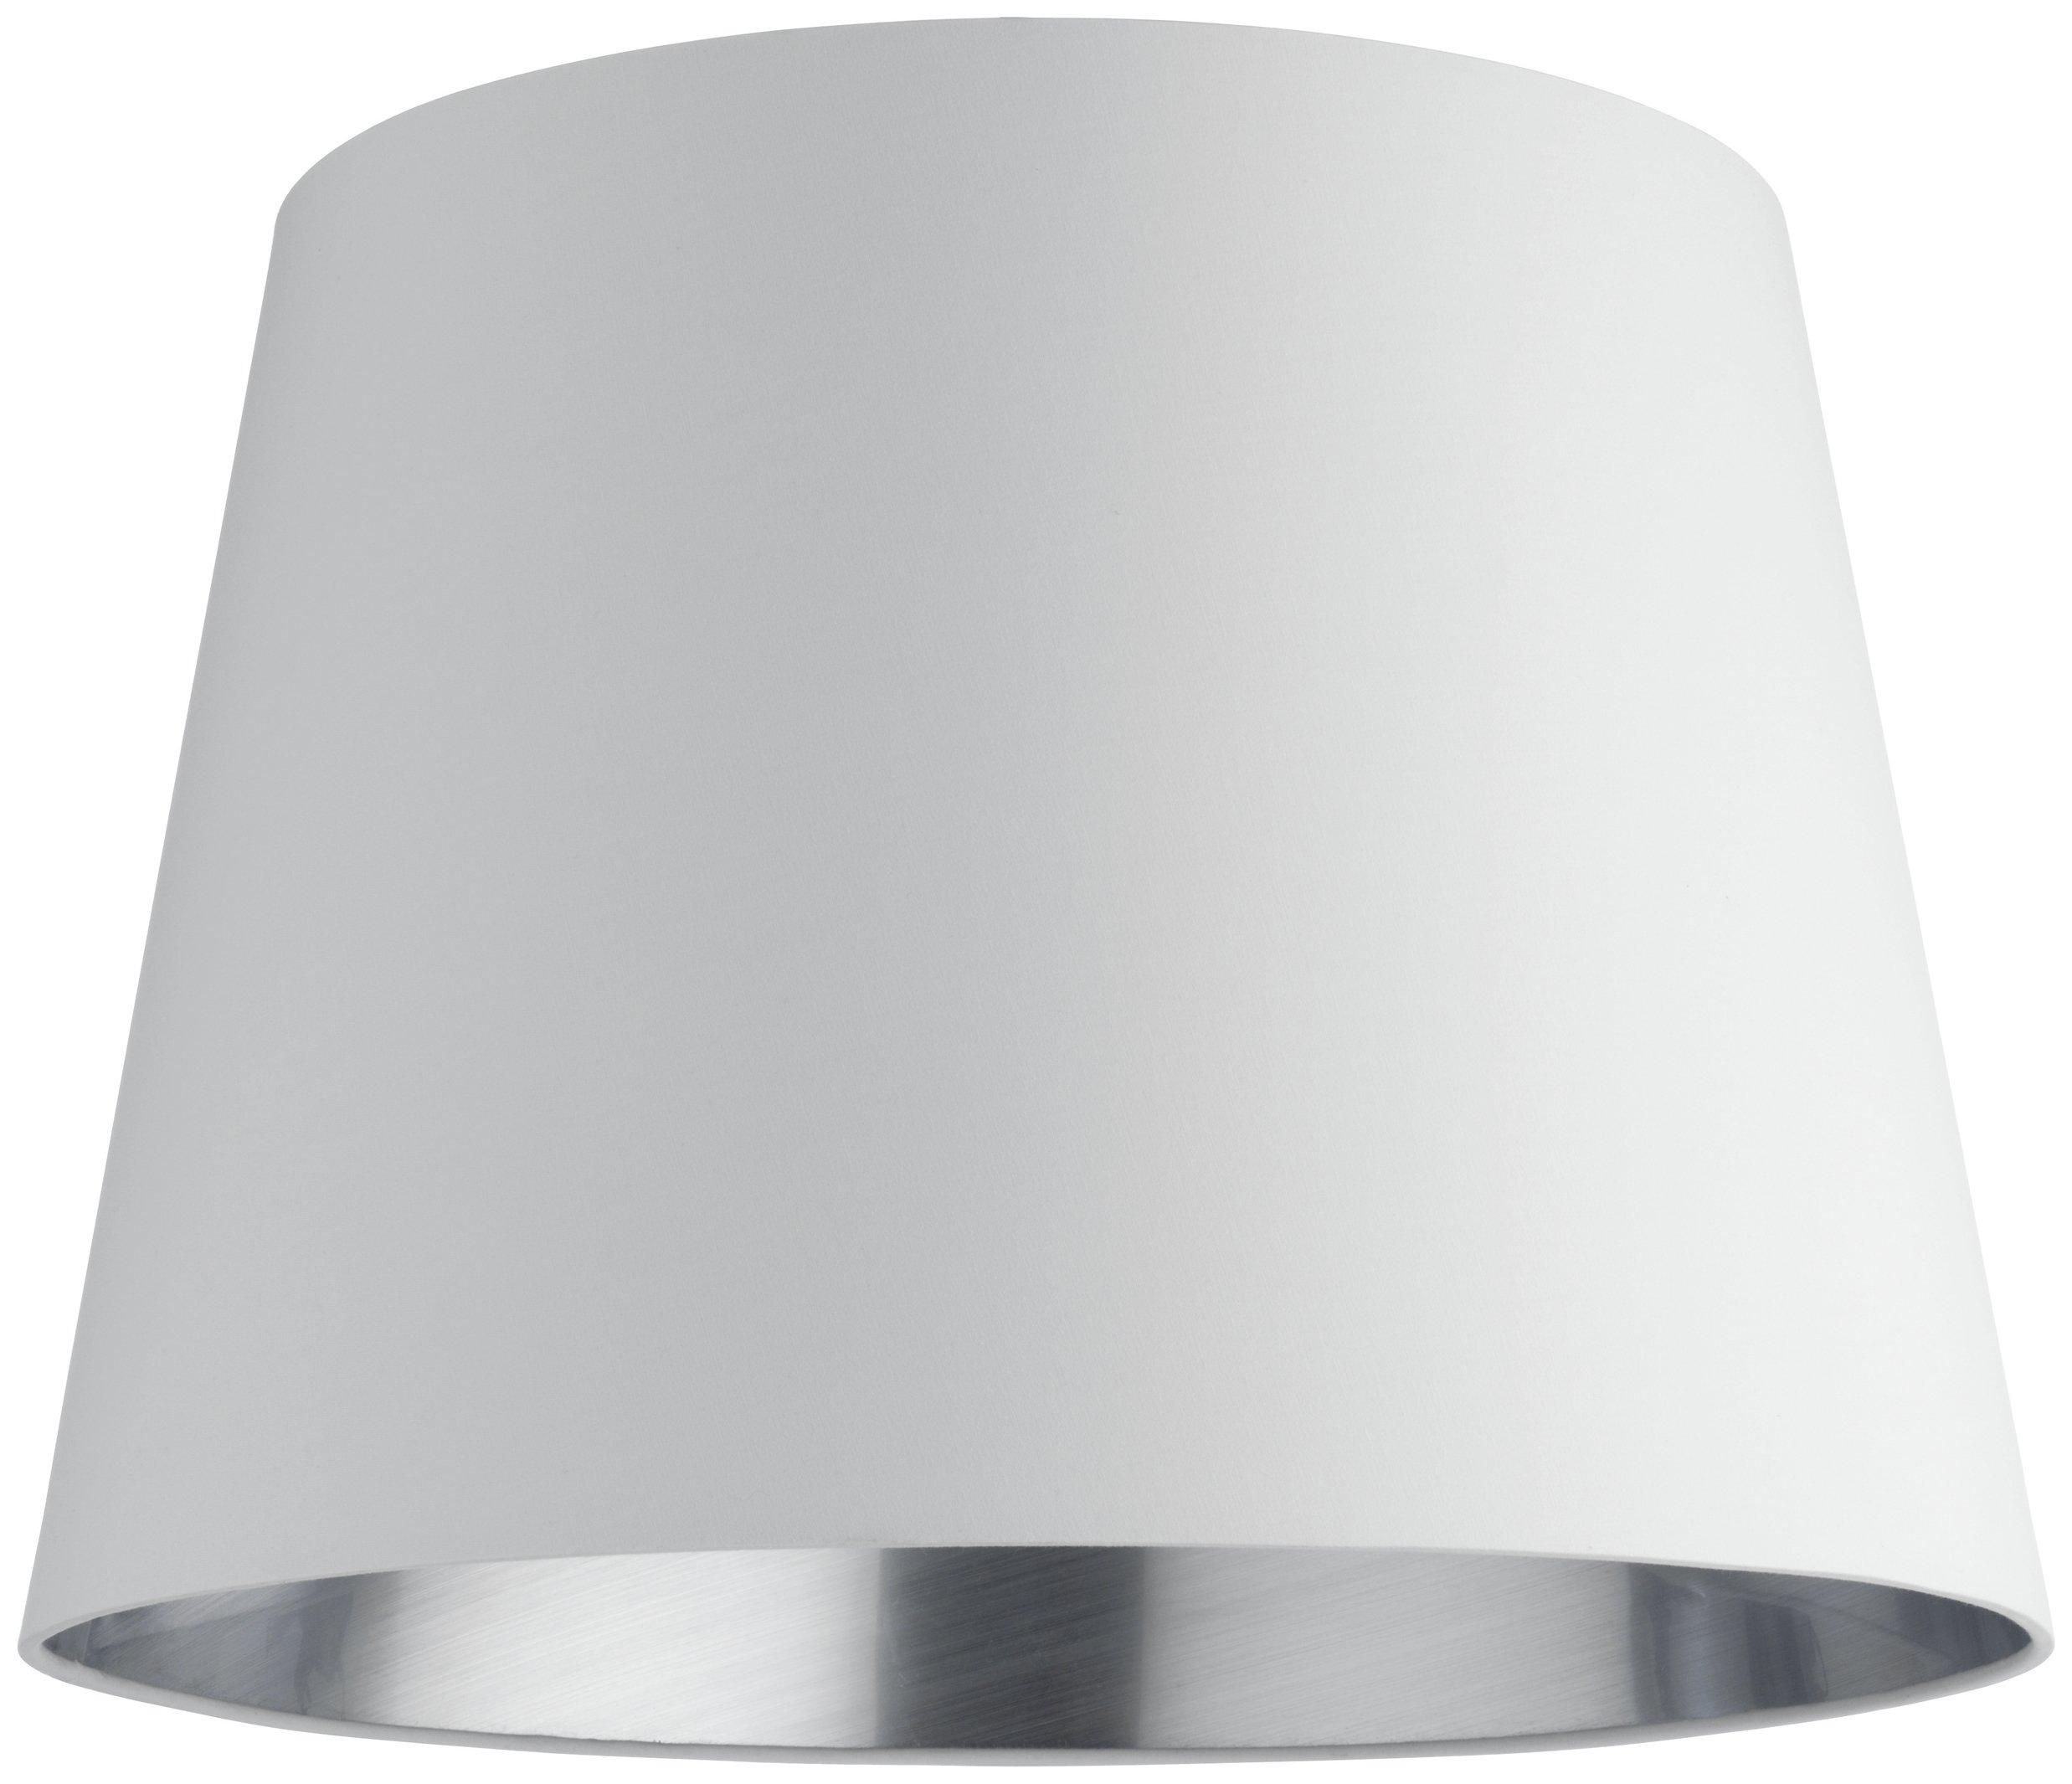 Habitat Grande Large Tapered Fabric Lampshade - Platinum